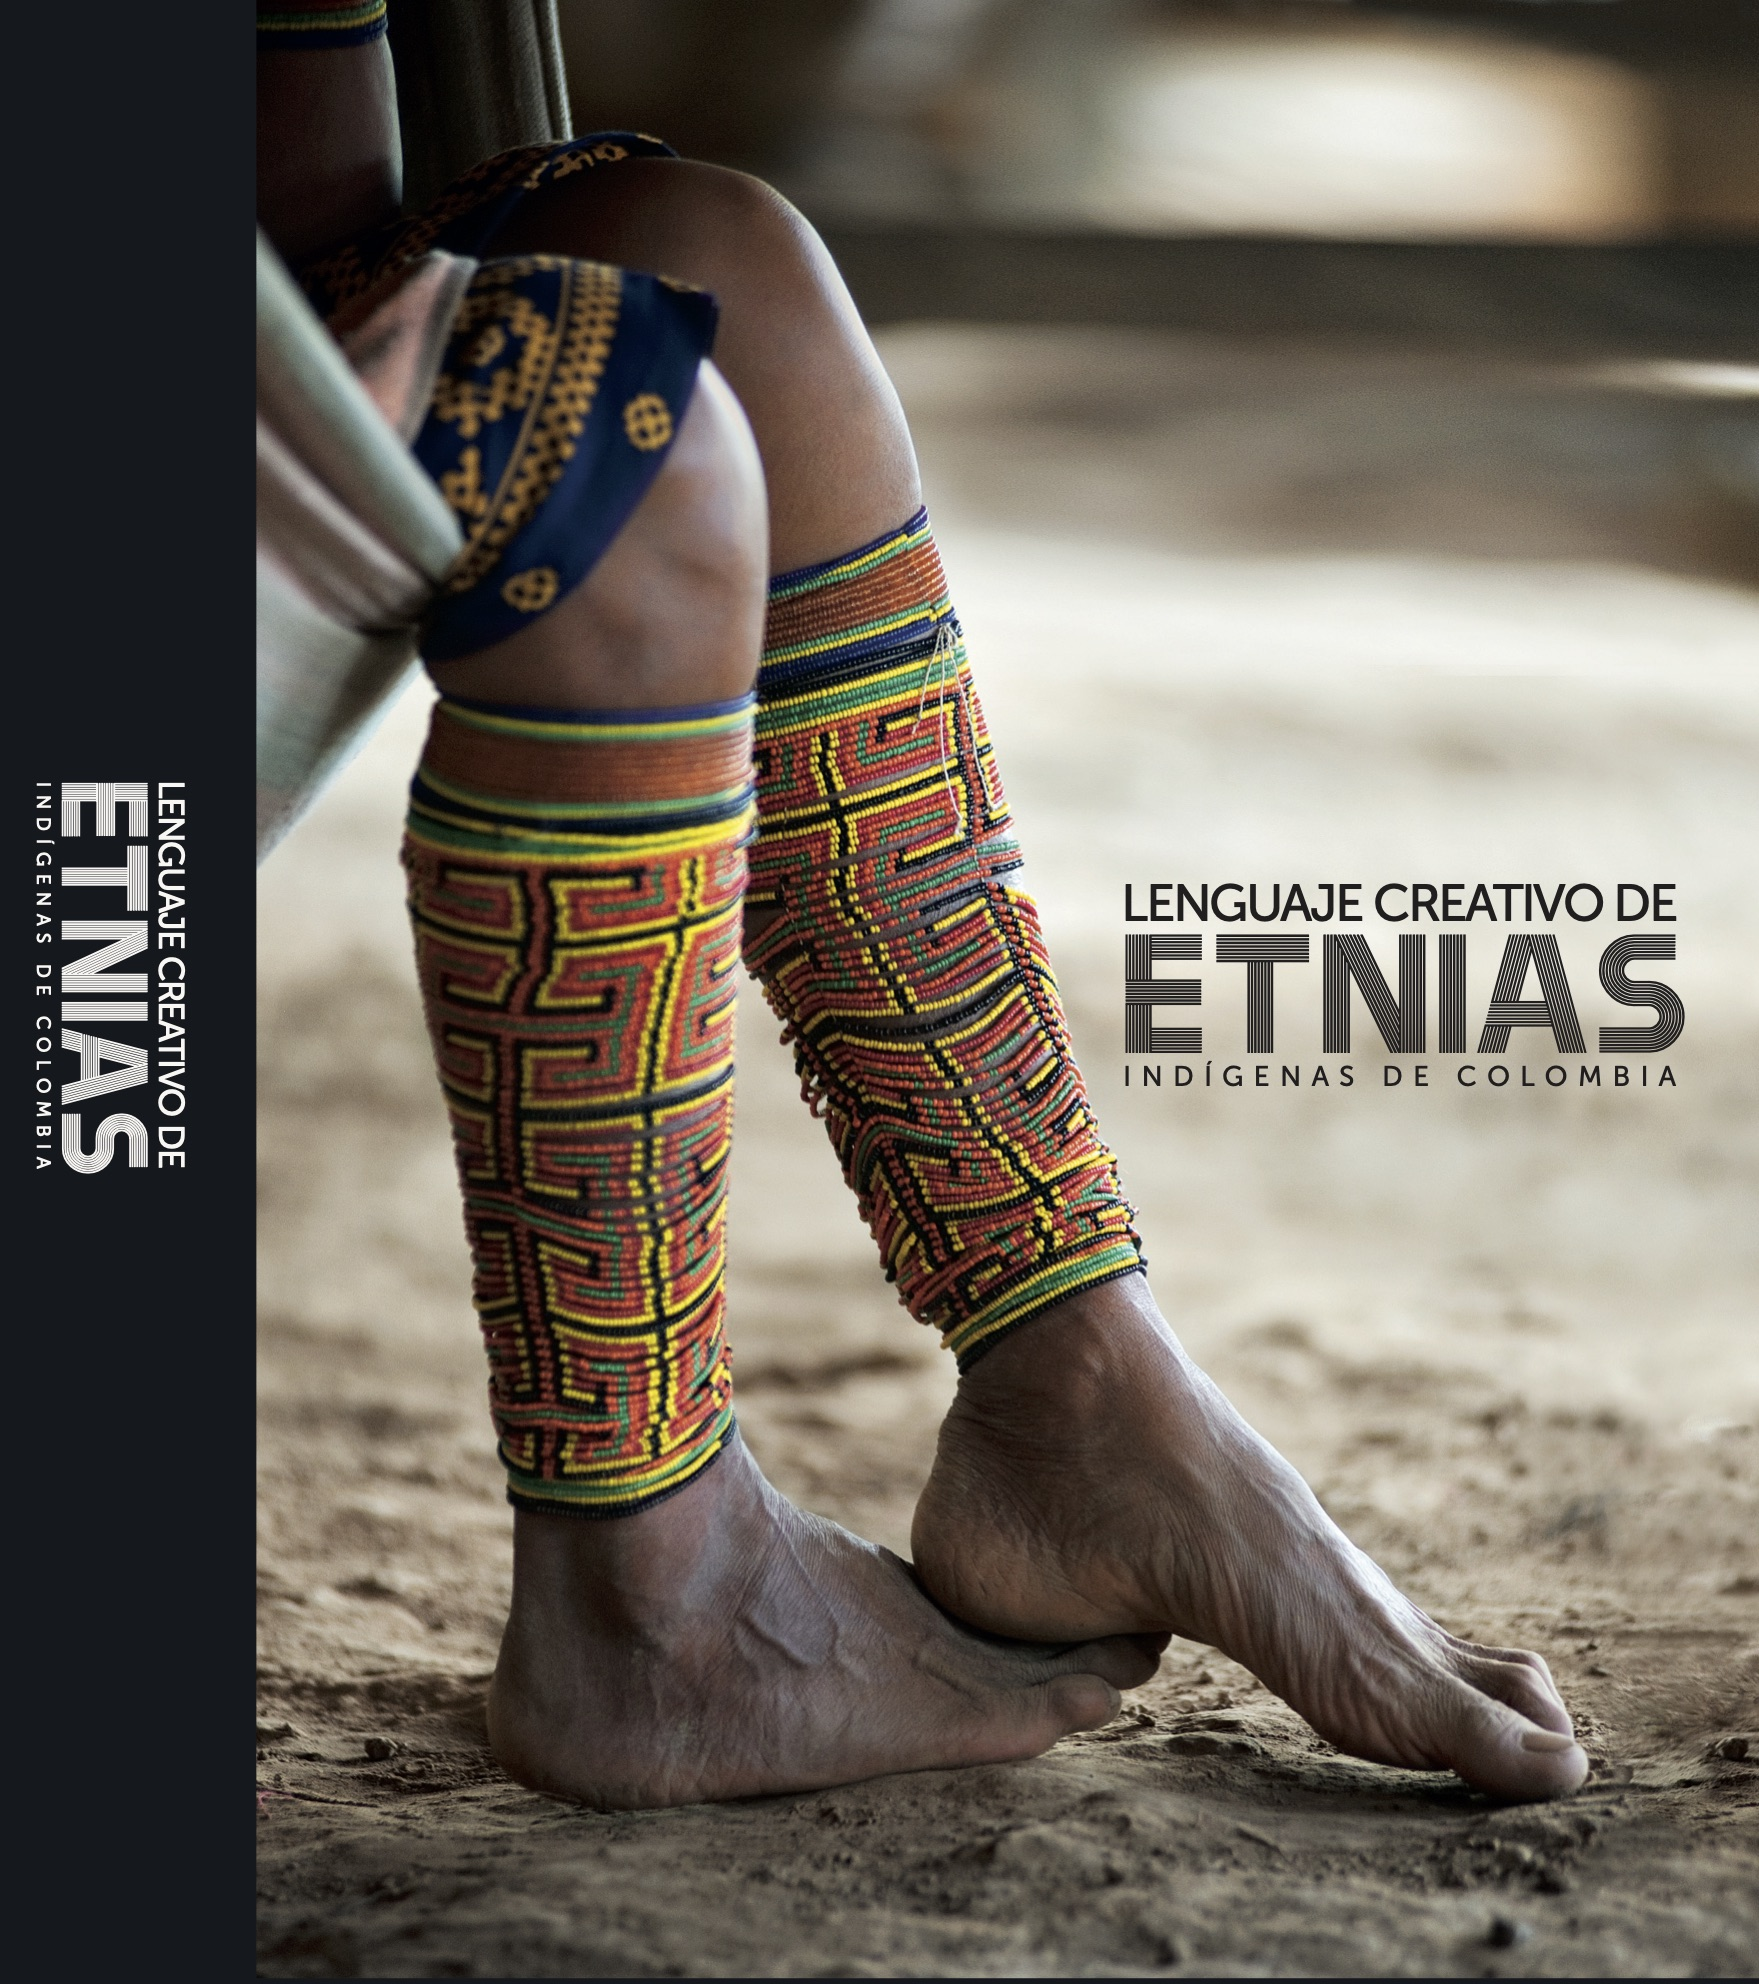 Lenguaje Creativo de Etnias Indígenas de Colombia